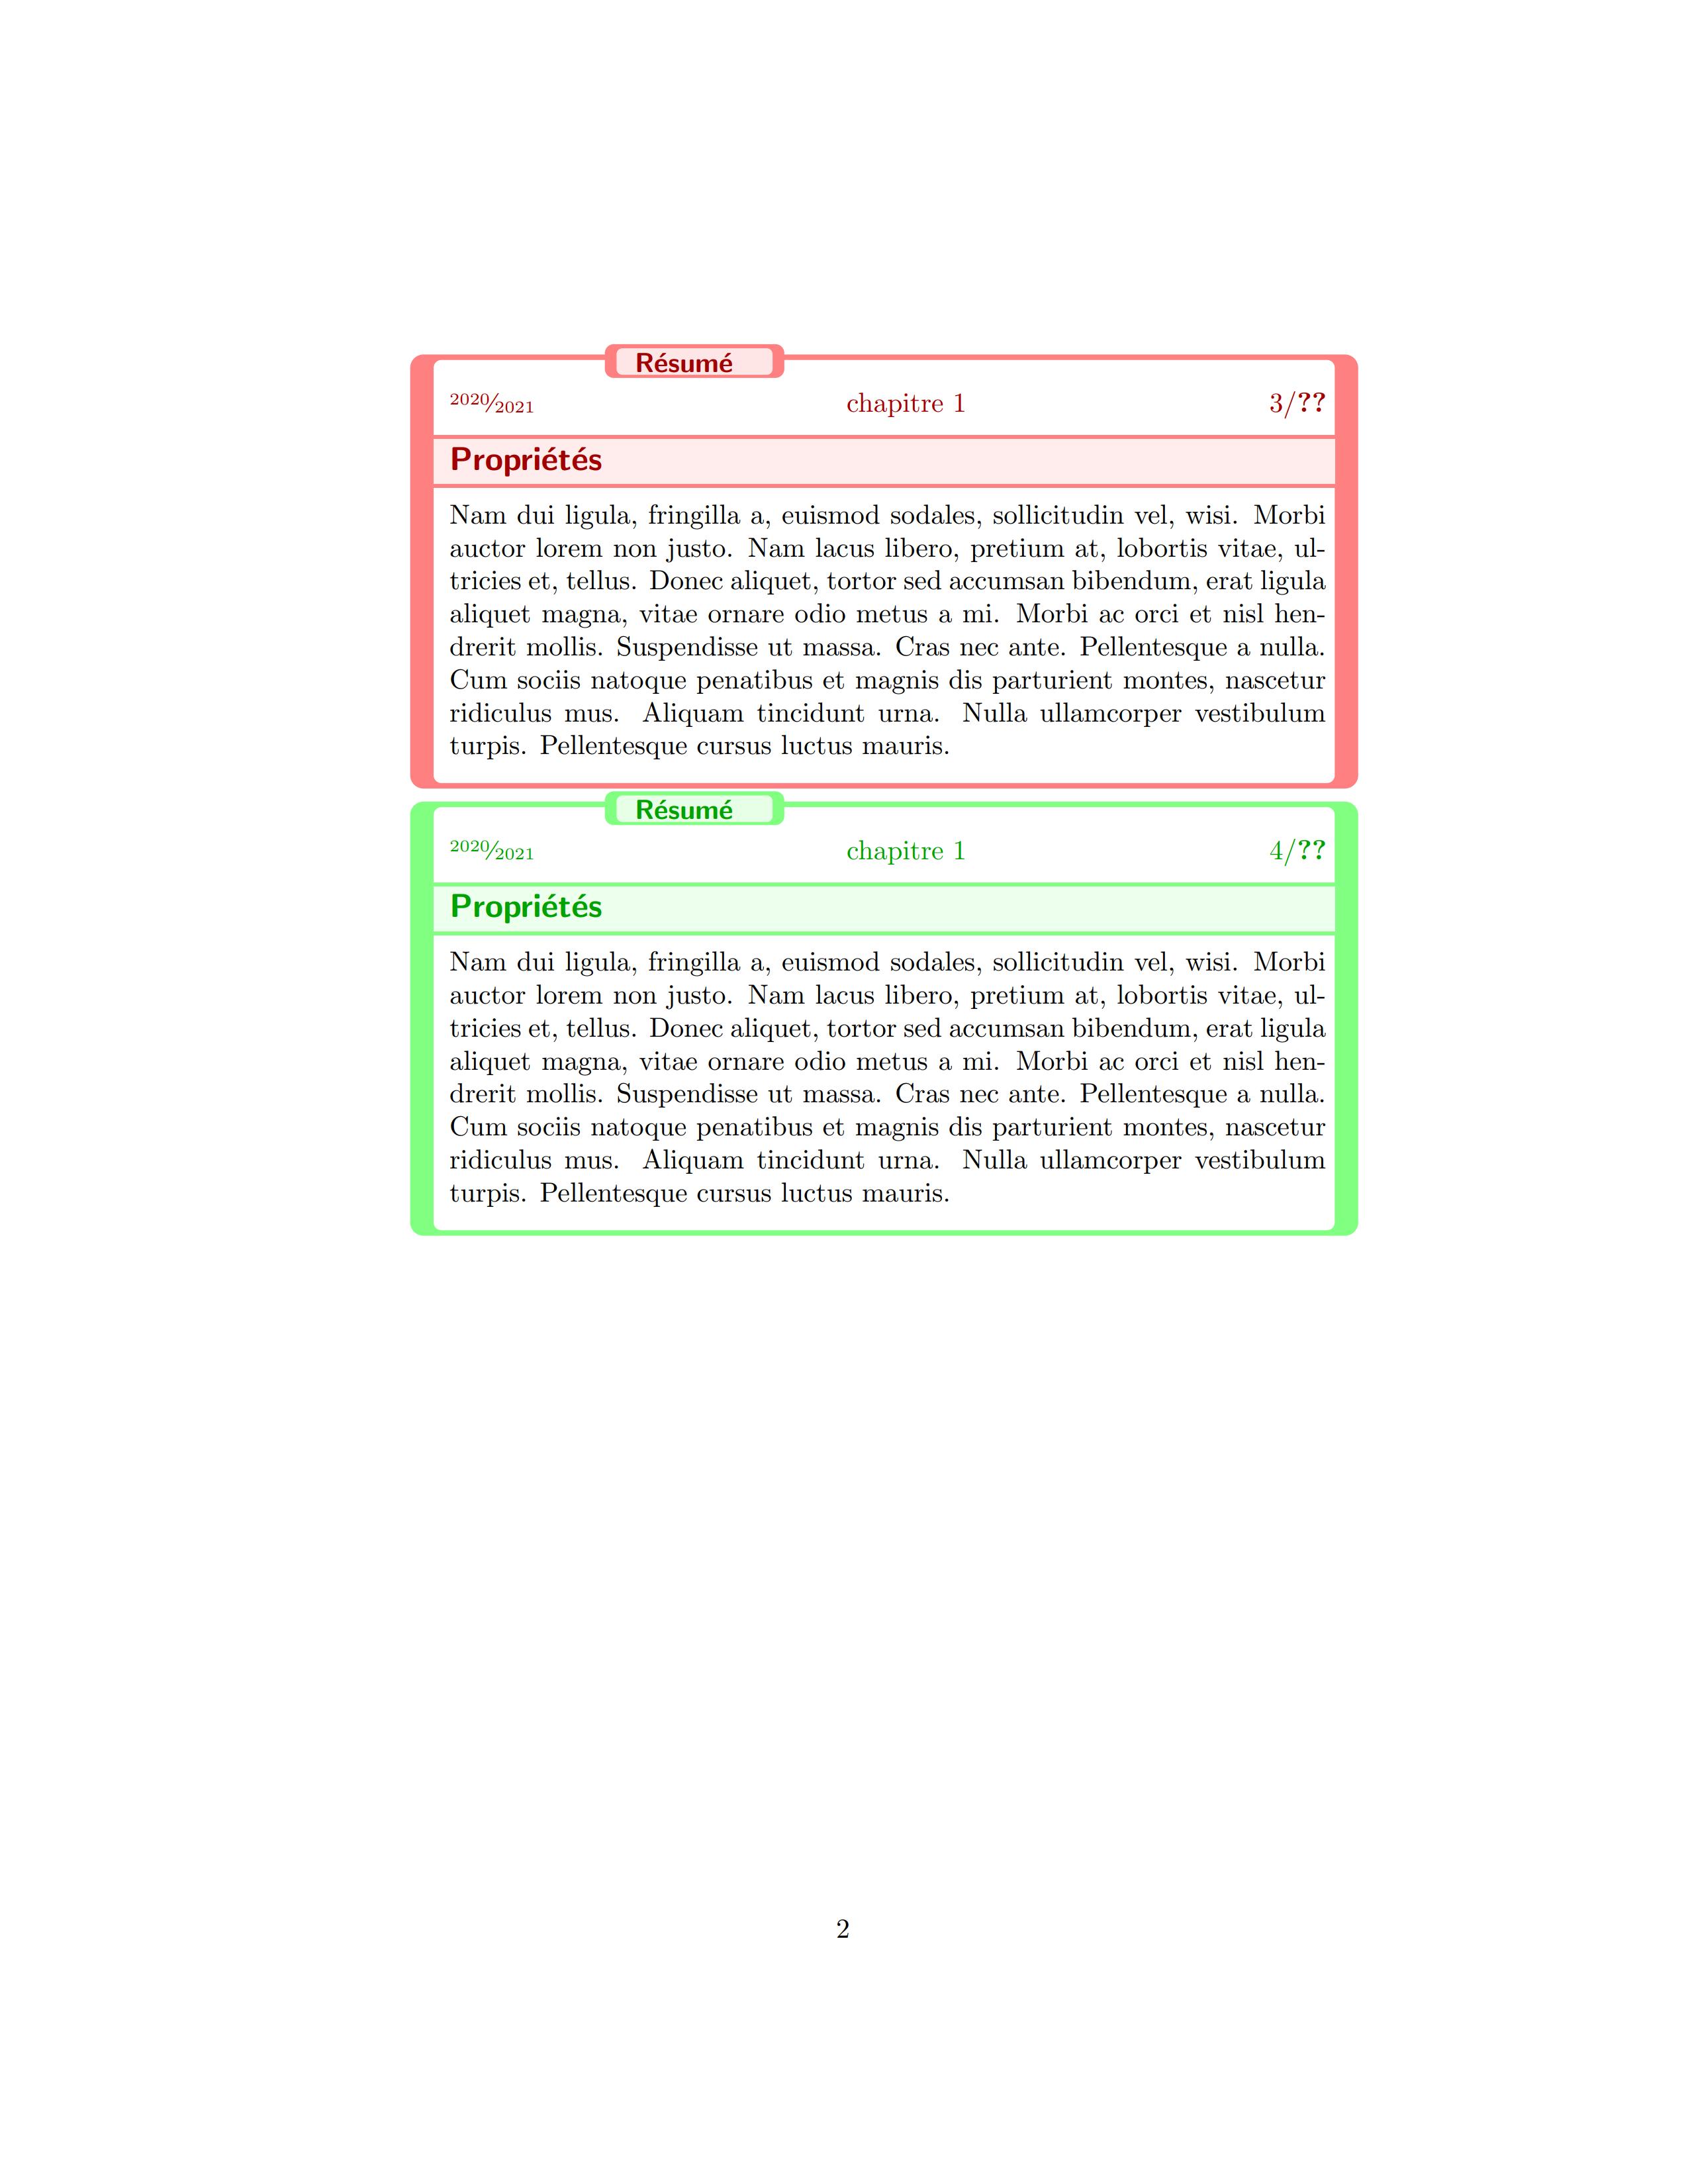 tcolorbox 定制定理定义样式美不美